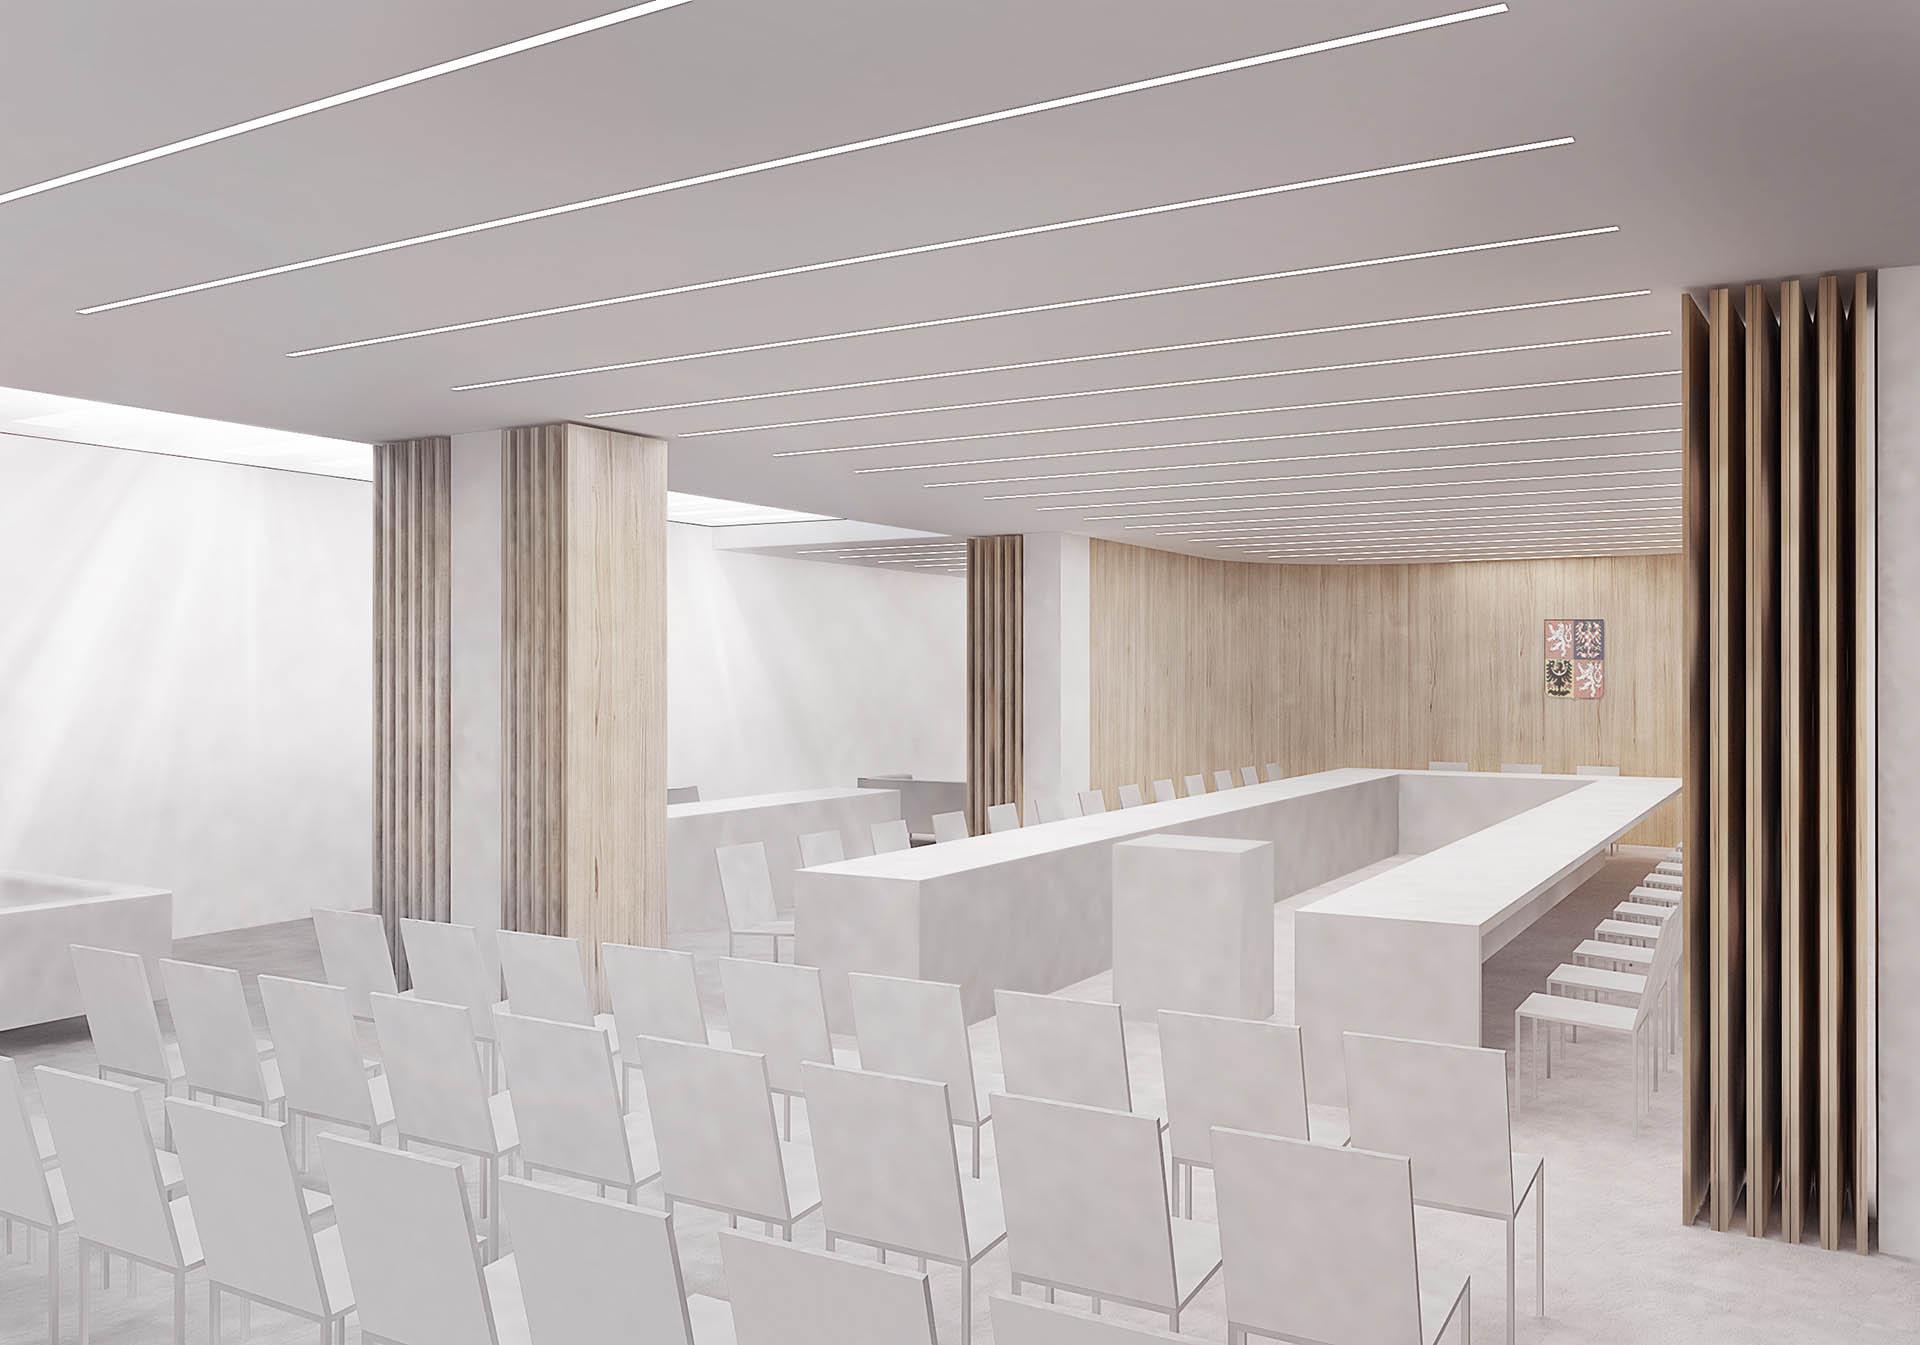 Vizualizace interiéru nového zasedacího sálu radnice Prahy 7